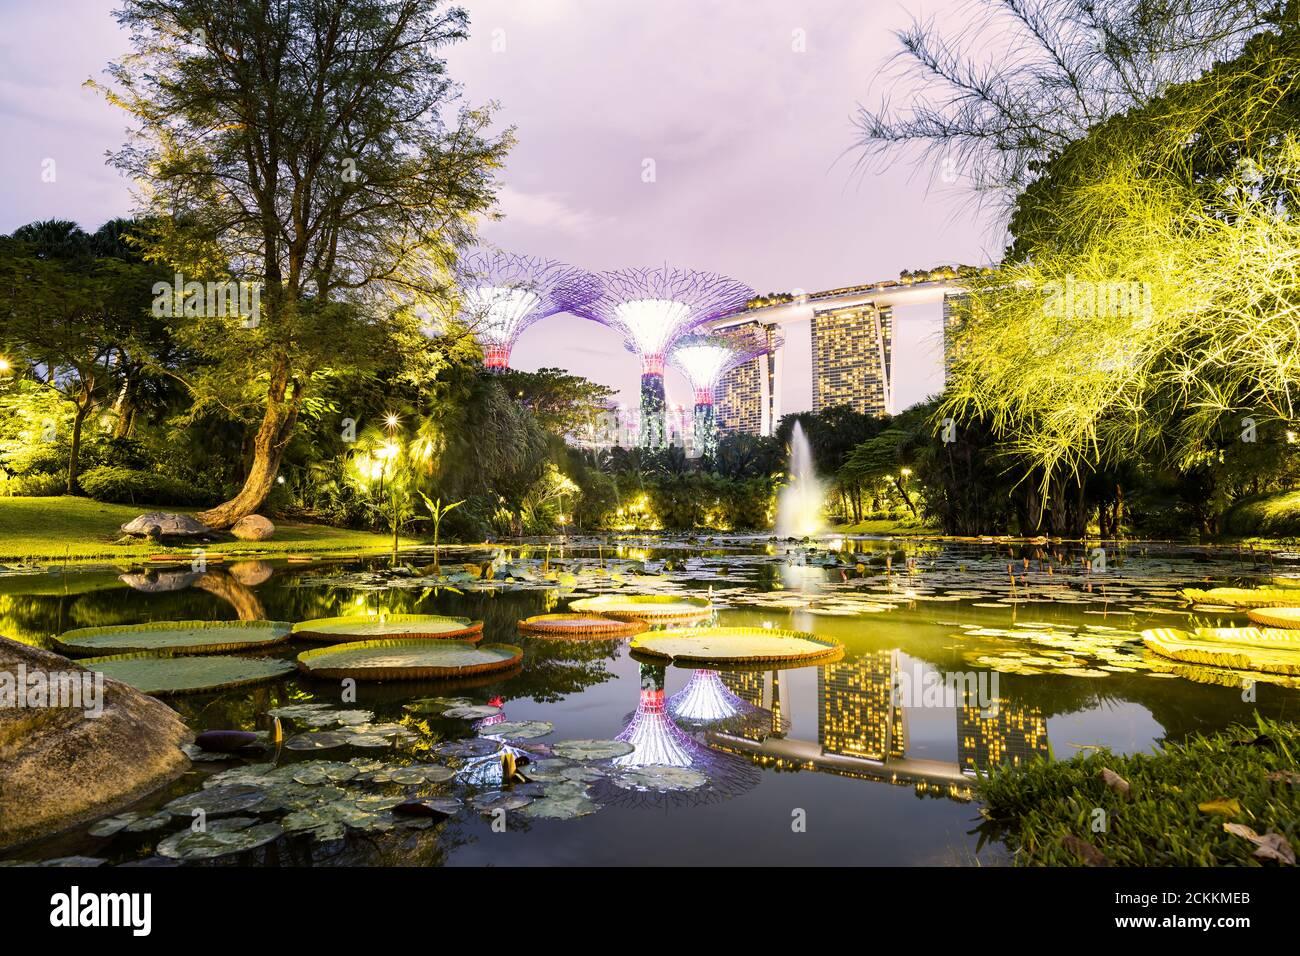 Impresionante vista de la arboleda iluminada en la distancia y el estanque de nenúfares en el primer plano. Foto de stock